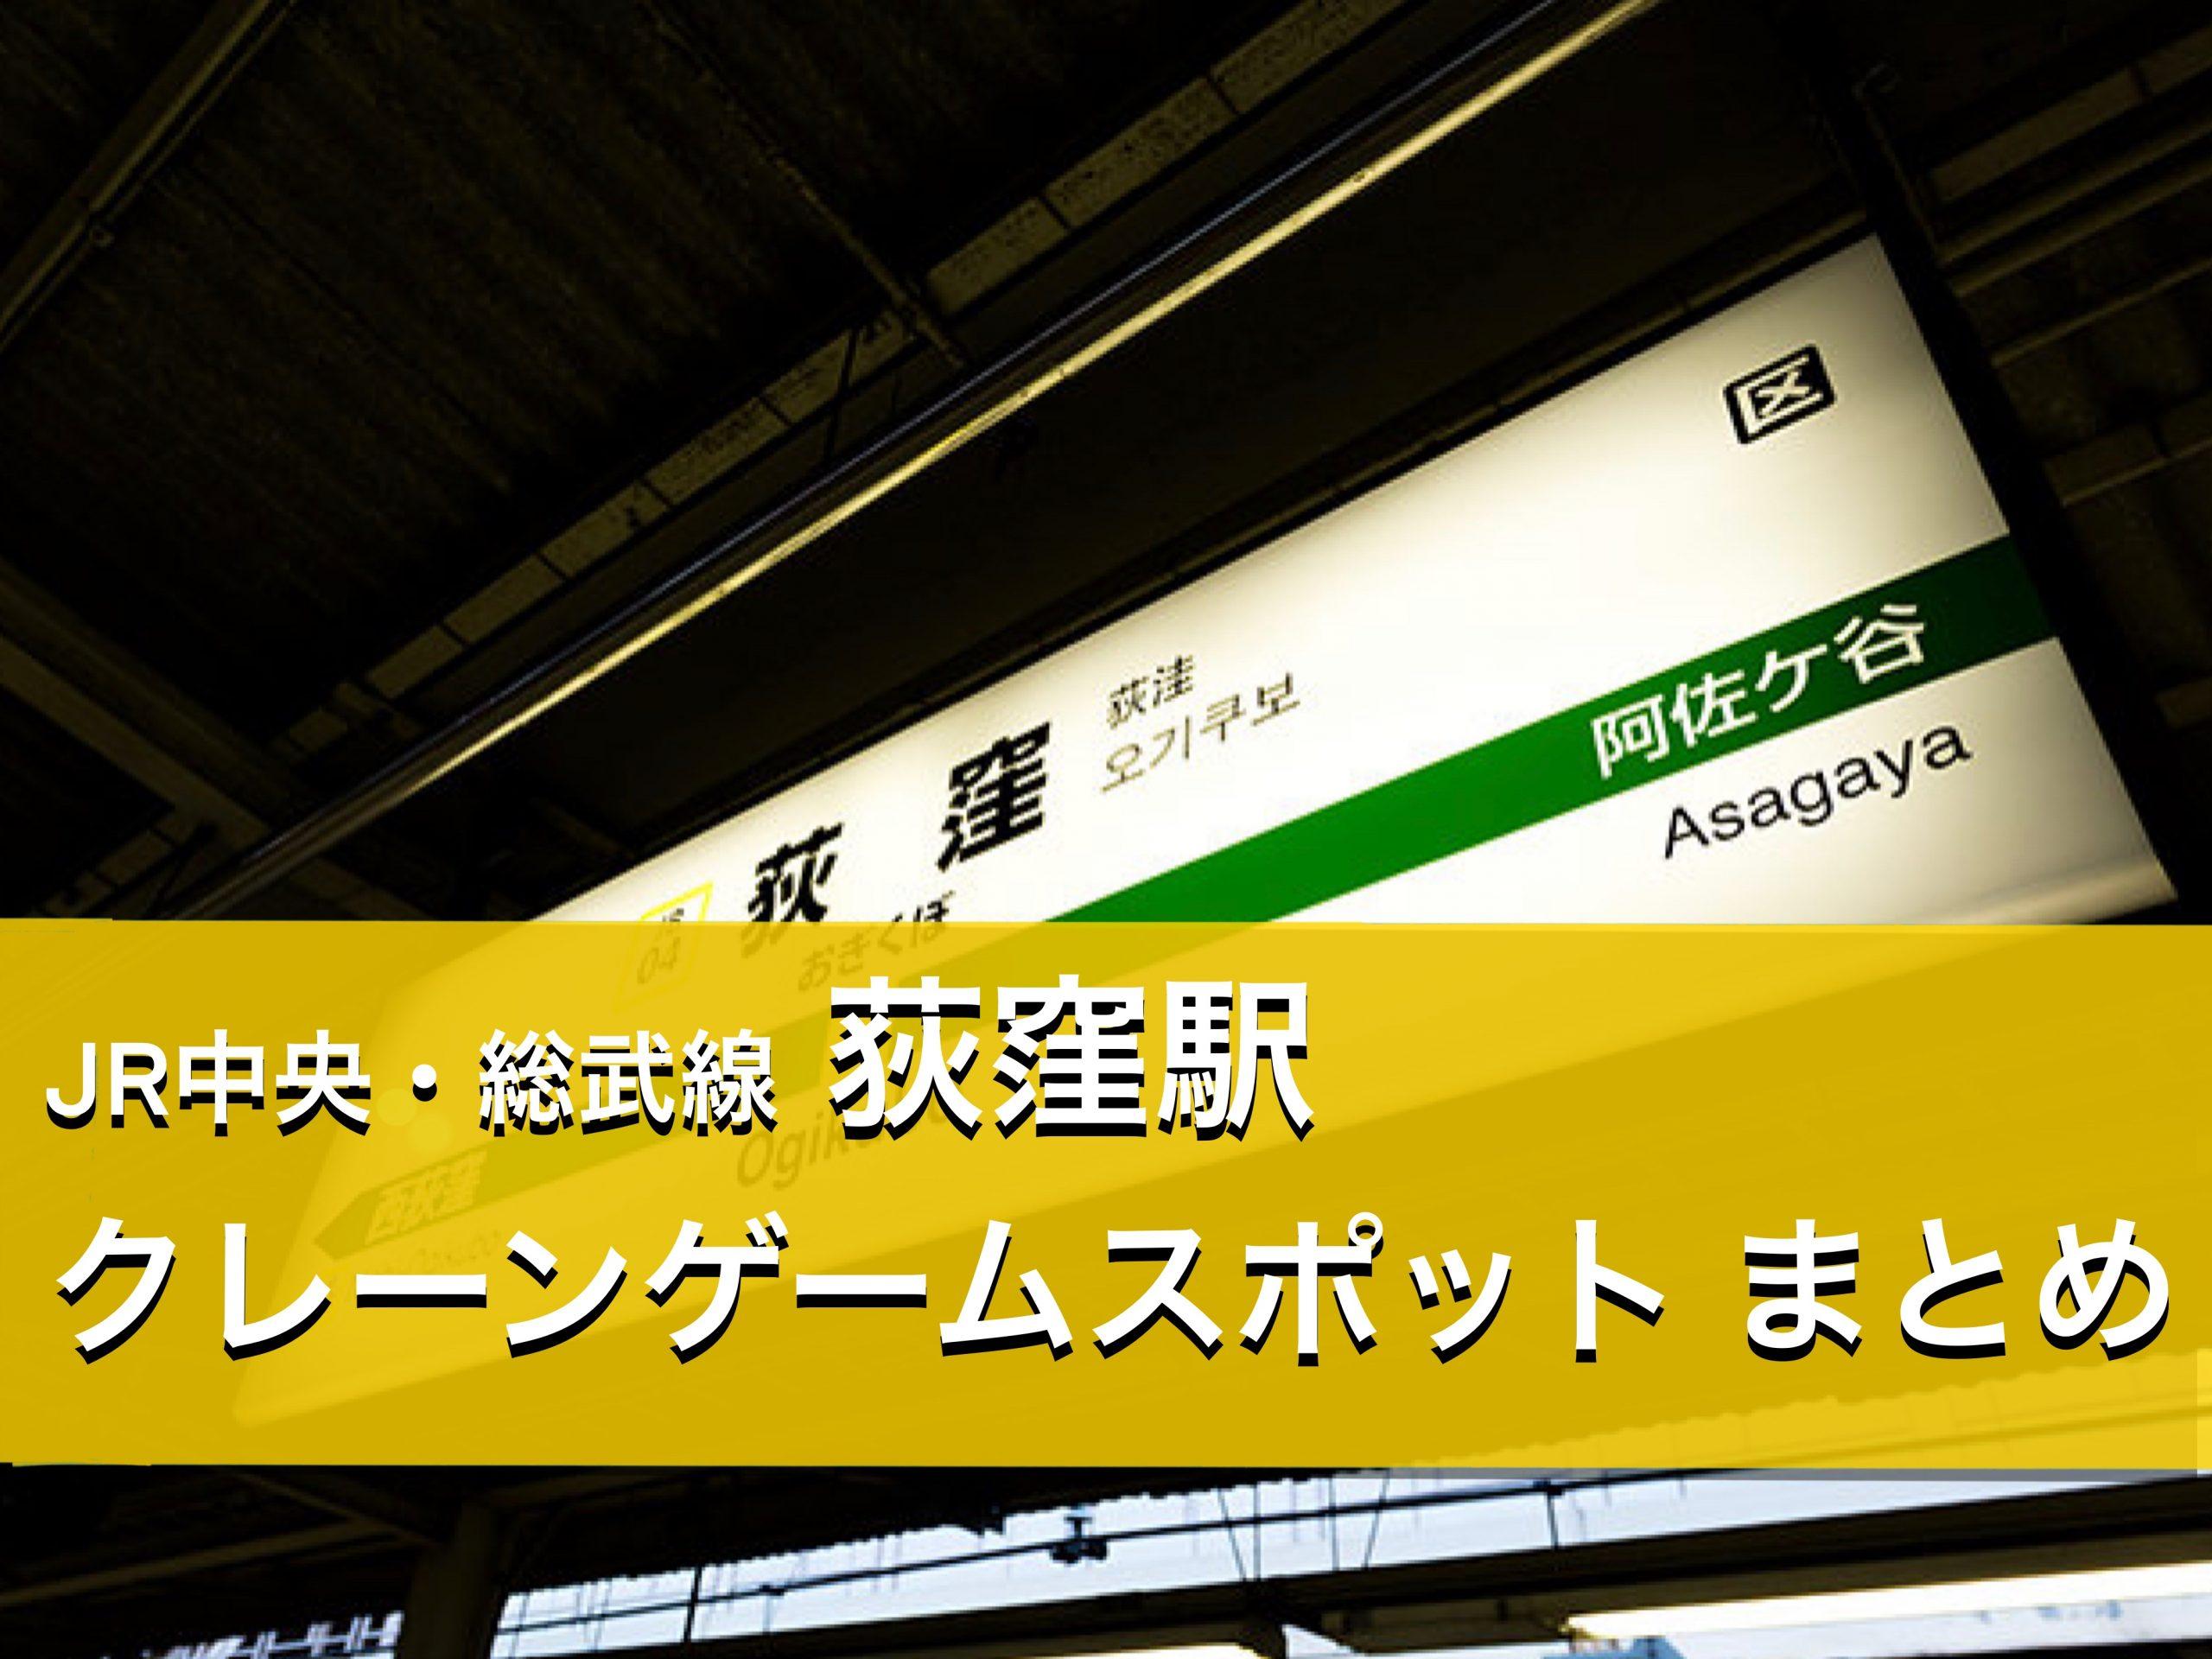 【荻窪駅】クレーンゲームができる場所